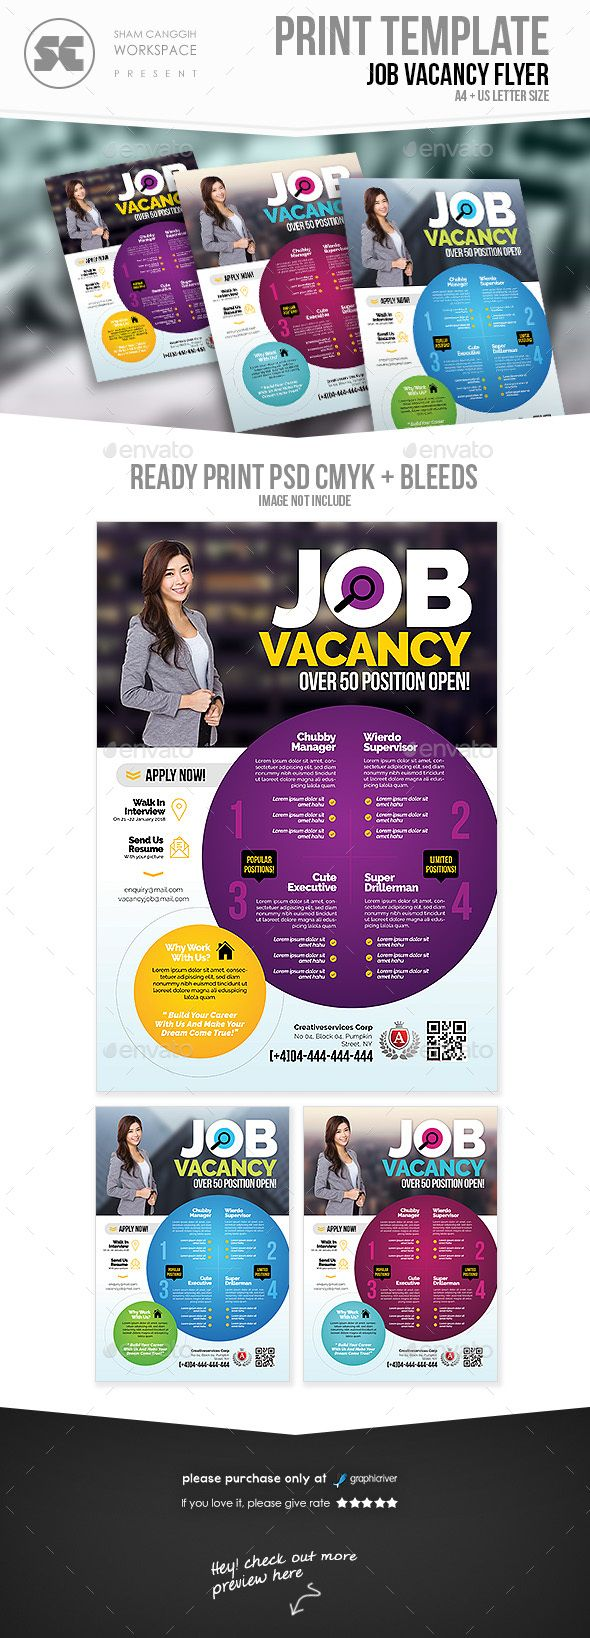 Job Vacancy Flyer | Carteleria, Tríptico y Volantes